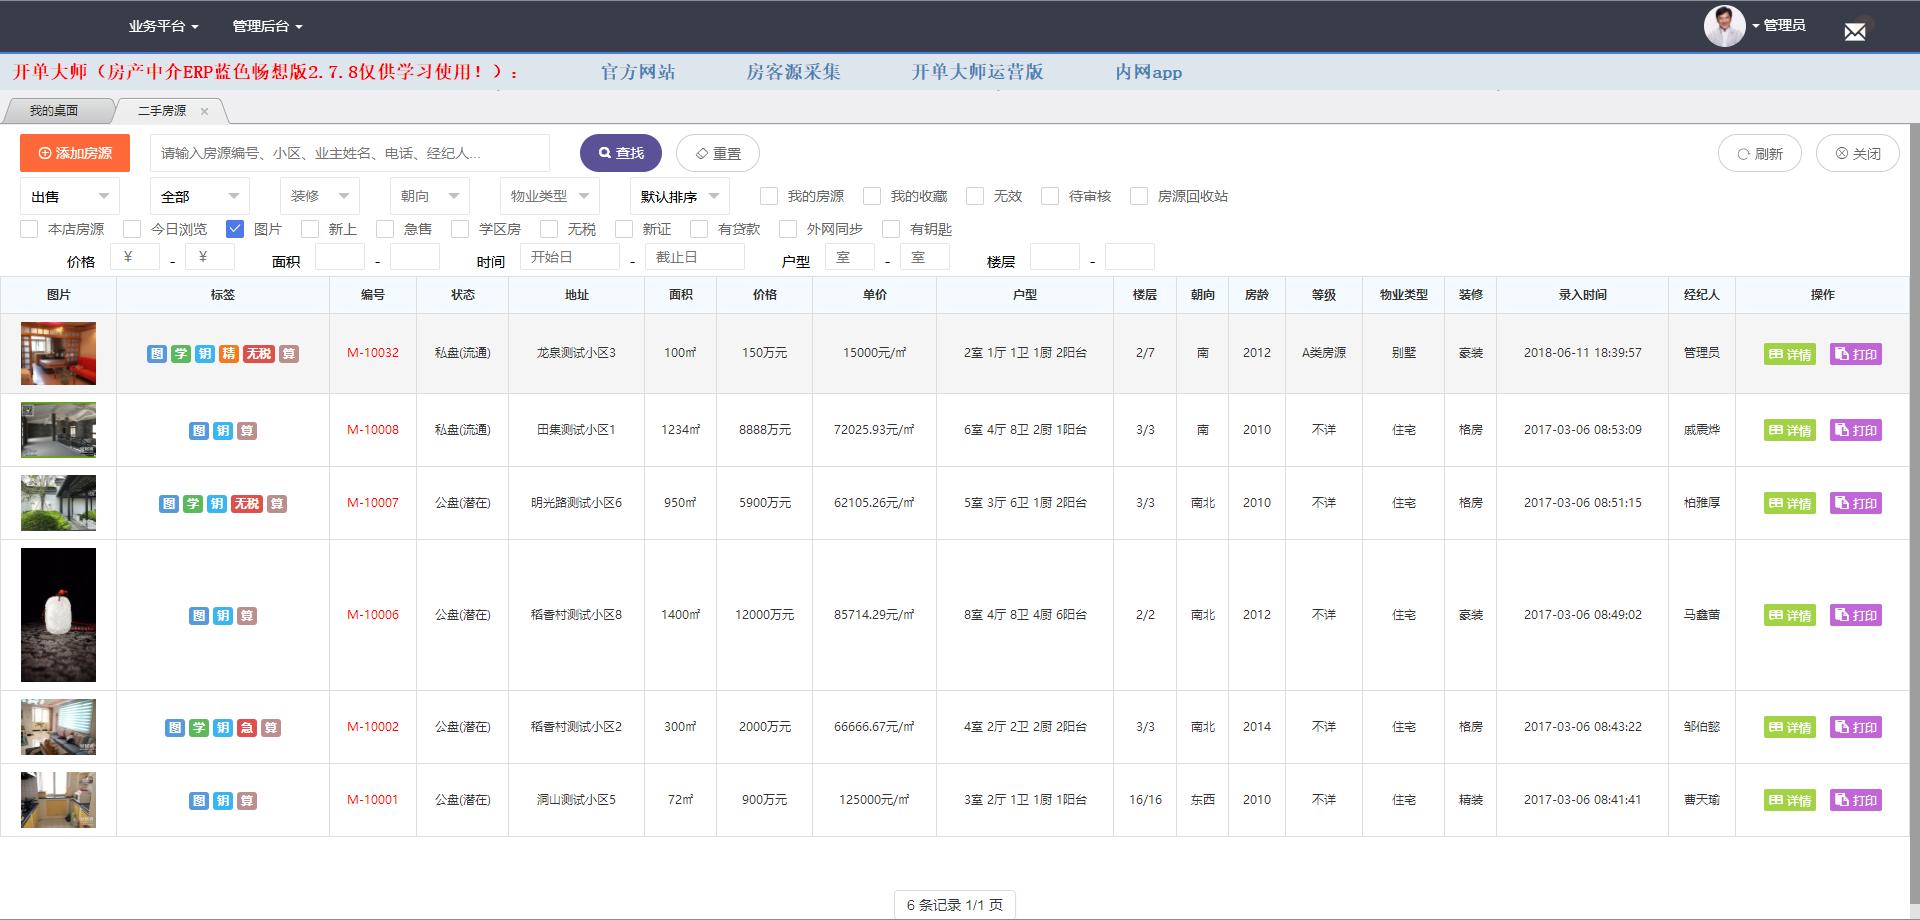 仿贝壳房产中介ERP管理系统